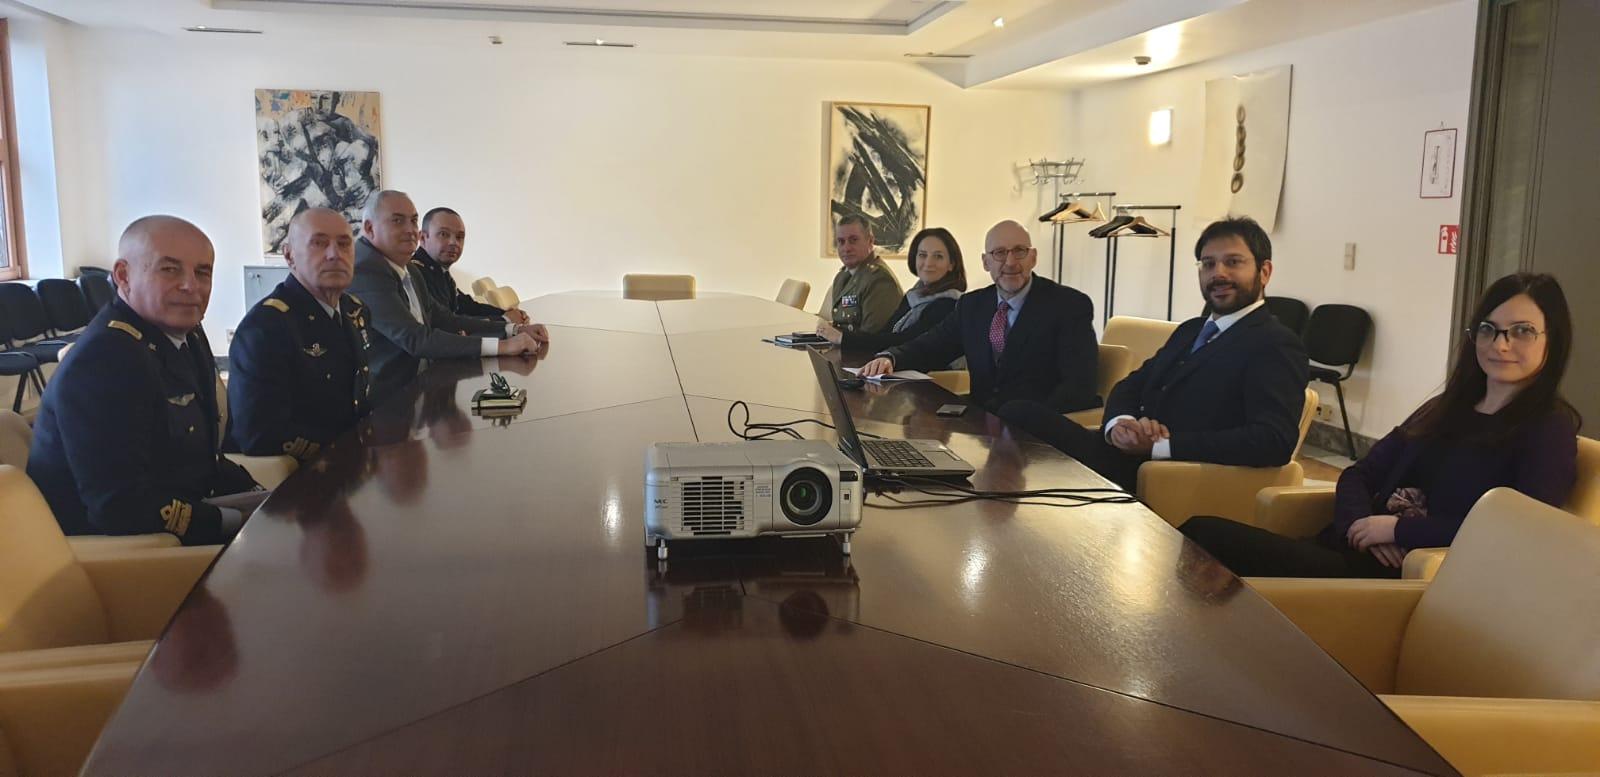 Visita alla Rappresentanza permanente d'Italia presso l'Unione europea - m5stelle.com - notizie m5s